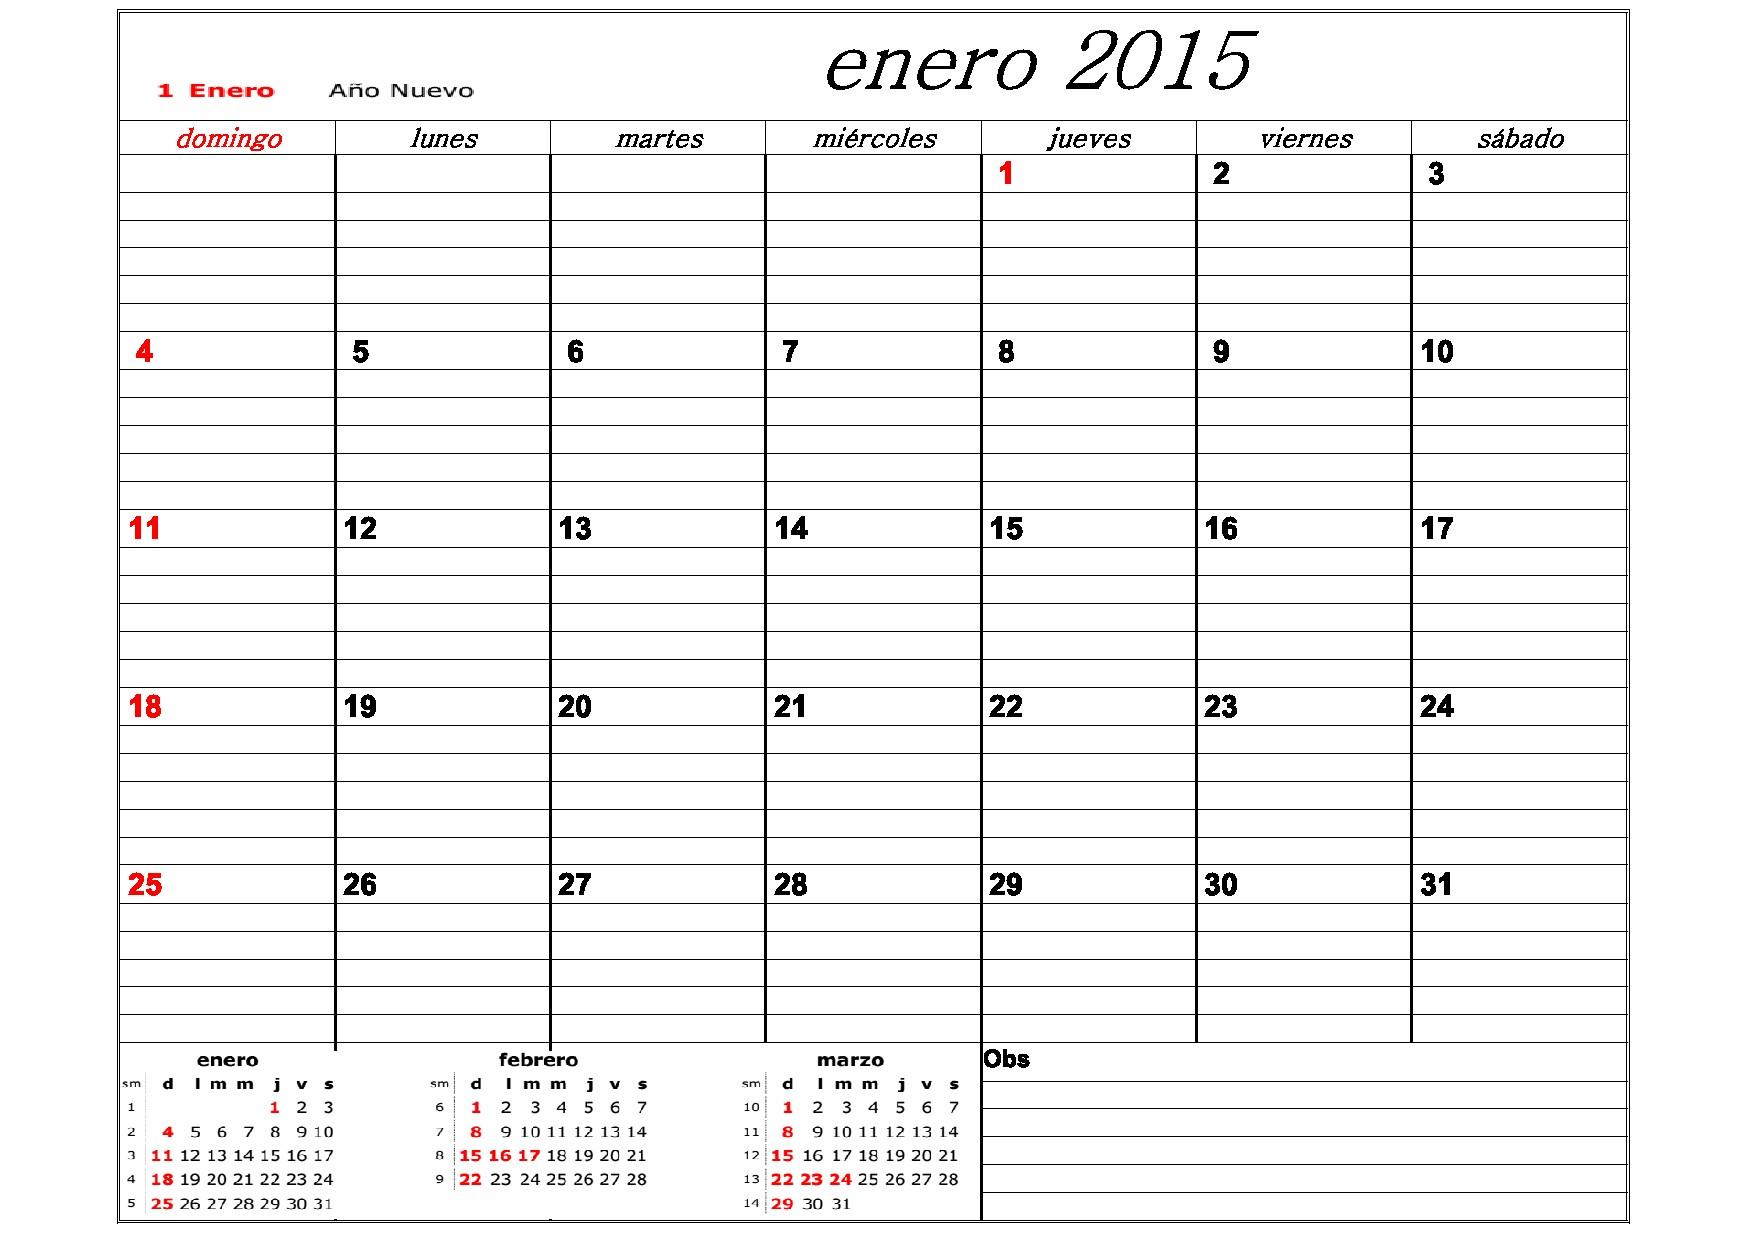 CALENDARIO 2015 DE ARGENTINA CON FERIADOS PARA JEFATURAS REGIONALES Y DISTRITALES